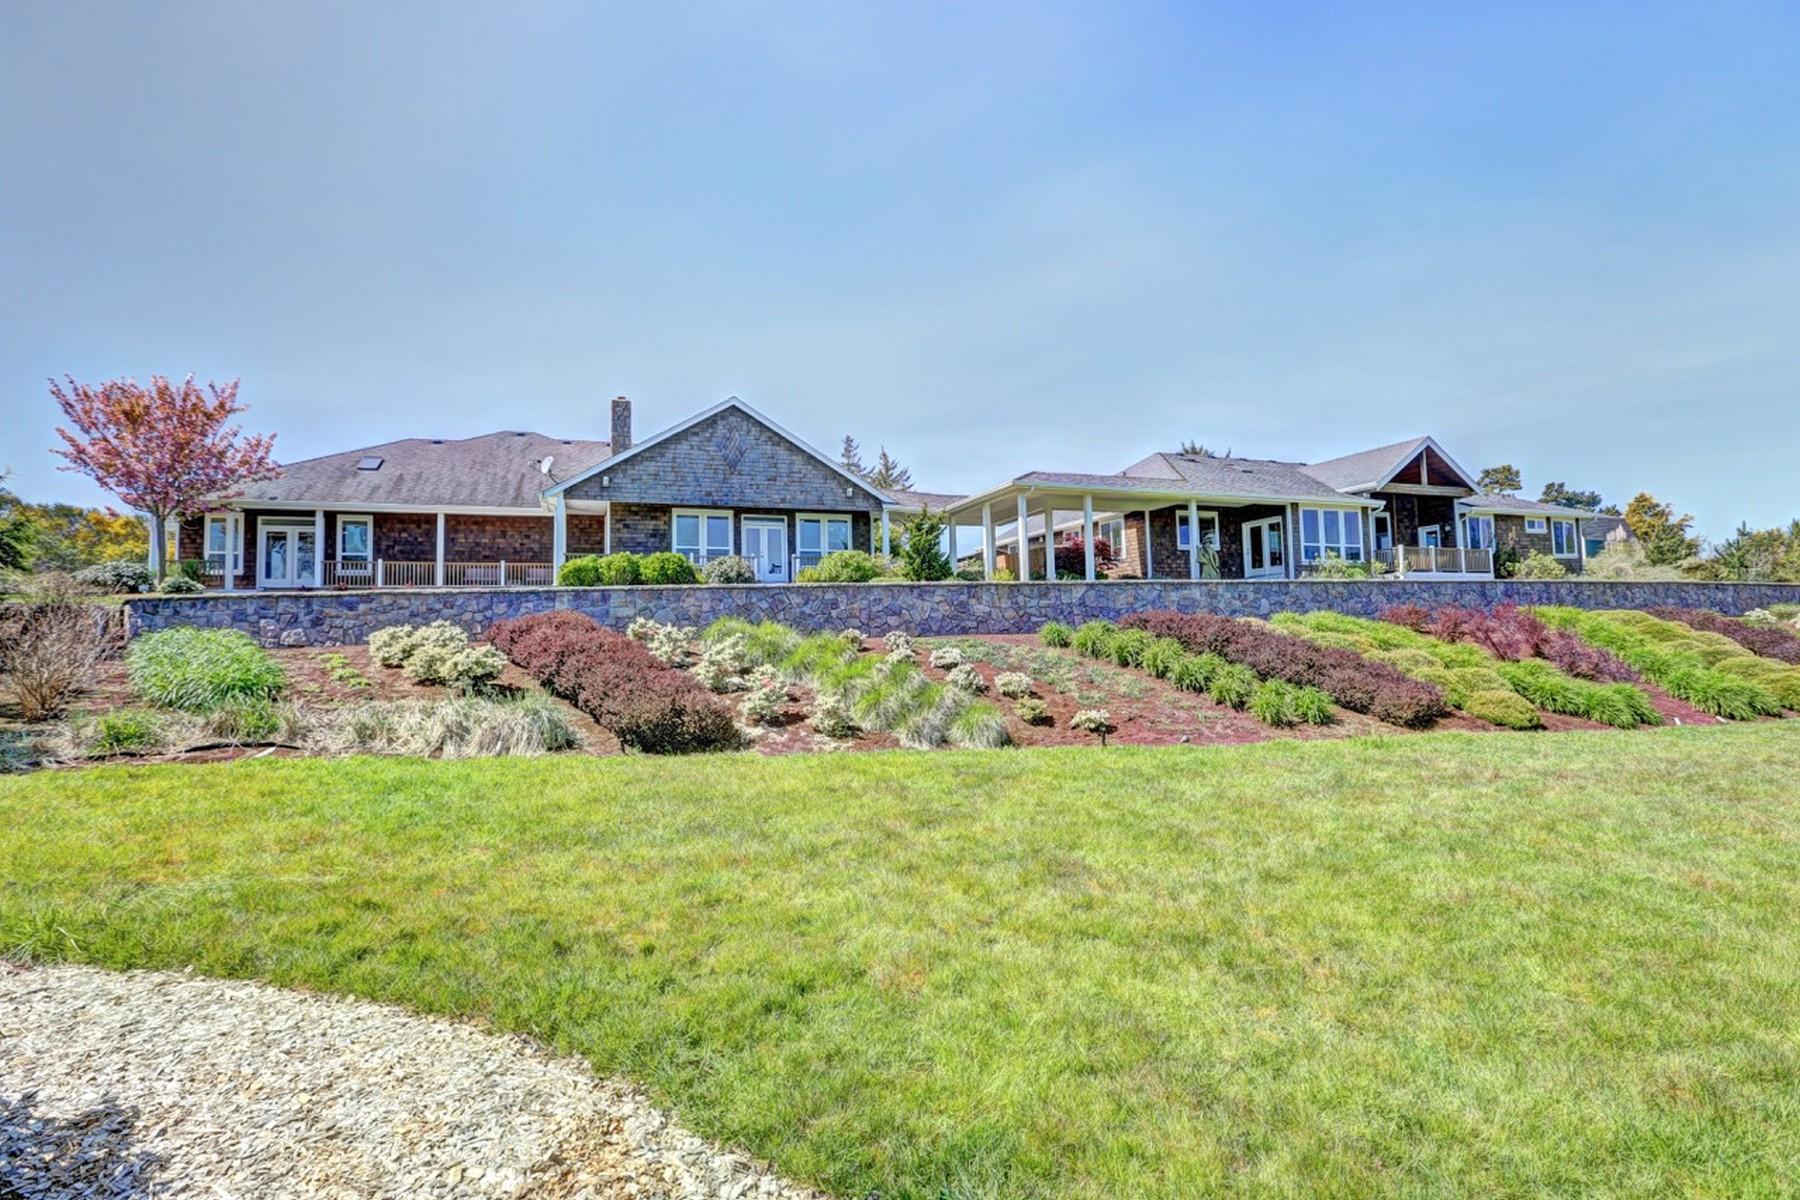 Các loại nhà khác vì Bán tại Extraordinary Surf Pines Estate 89061 Stellar Lane Warrenton, Oregon 97146 Hoa Kỳ